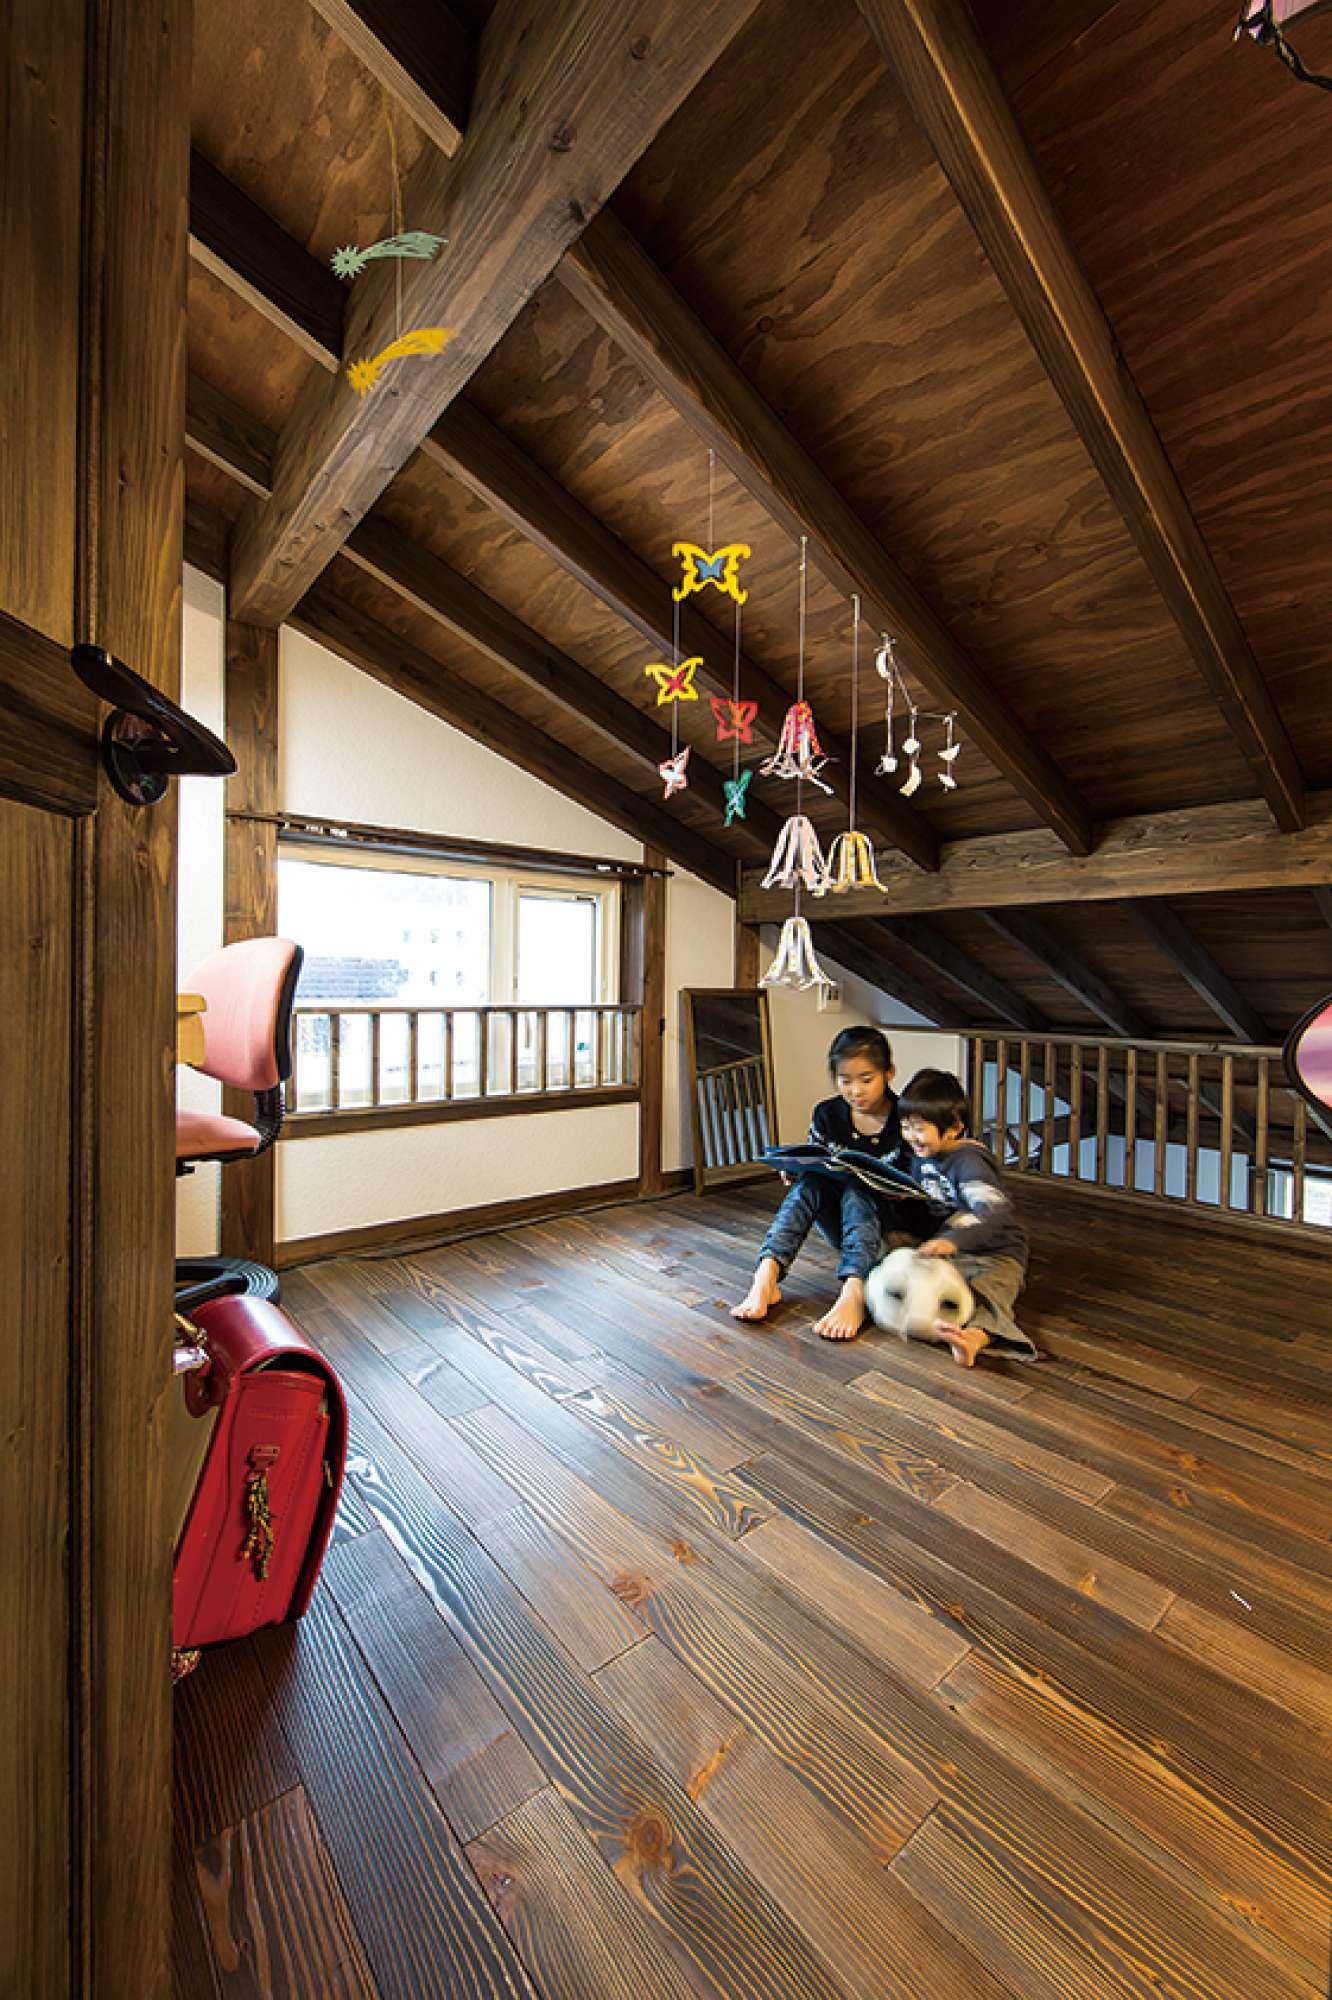 表し天井と浮造りフローリングの木質感あふれるロフト -  -  -